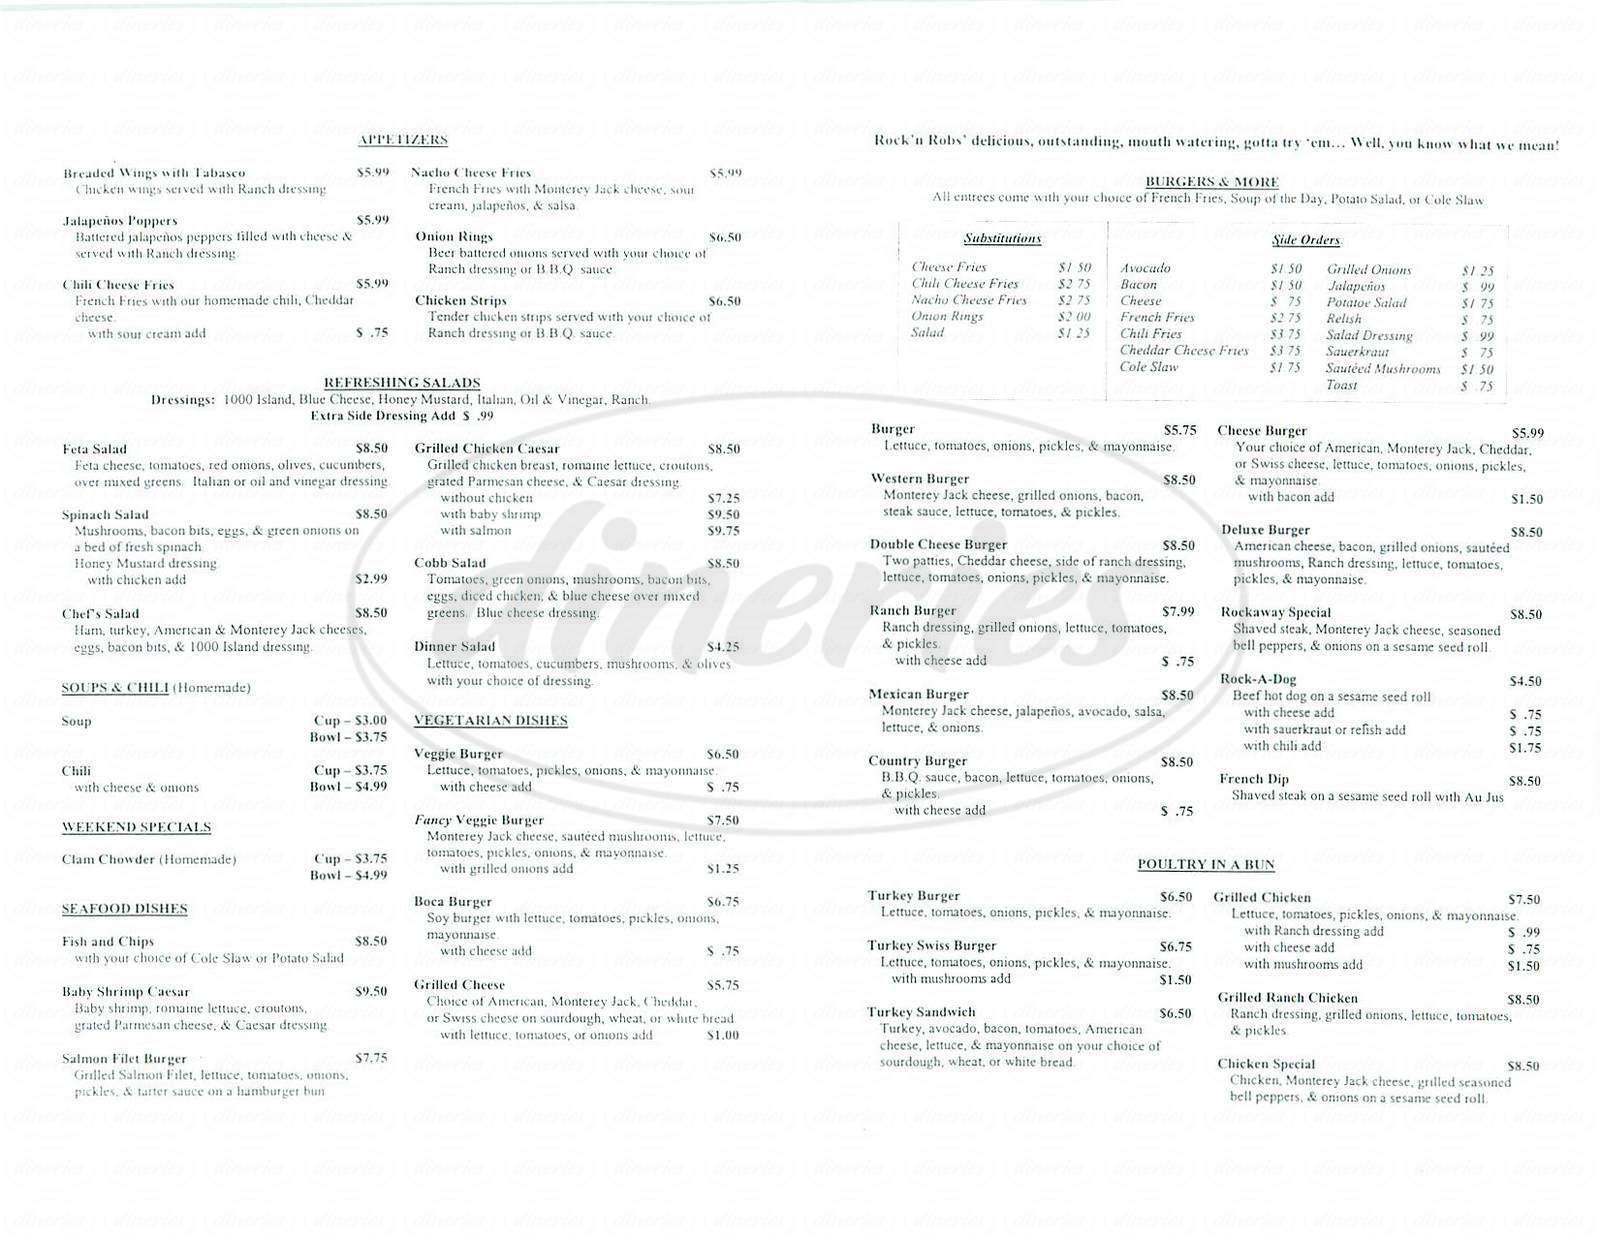 menu for Rock' N Robs